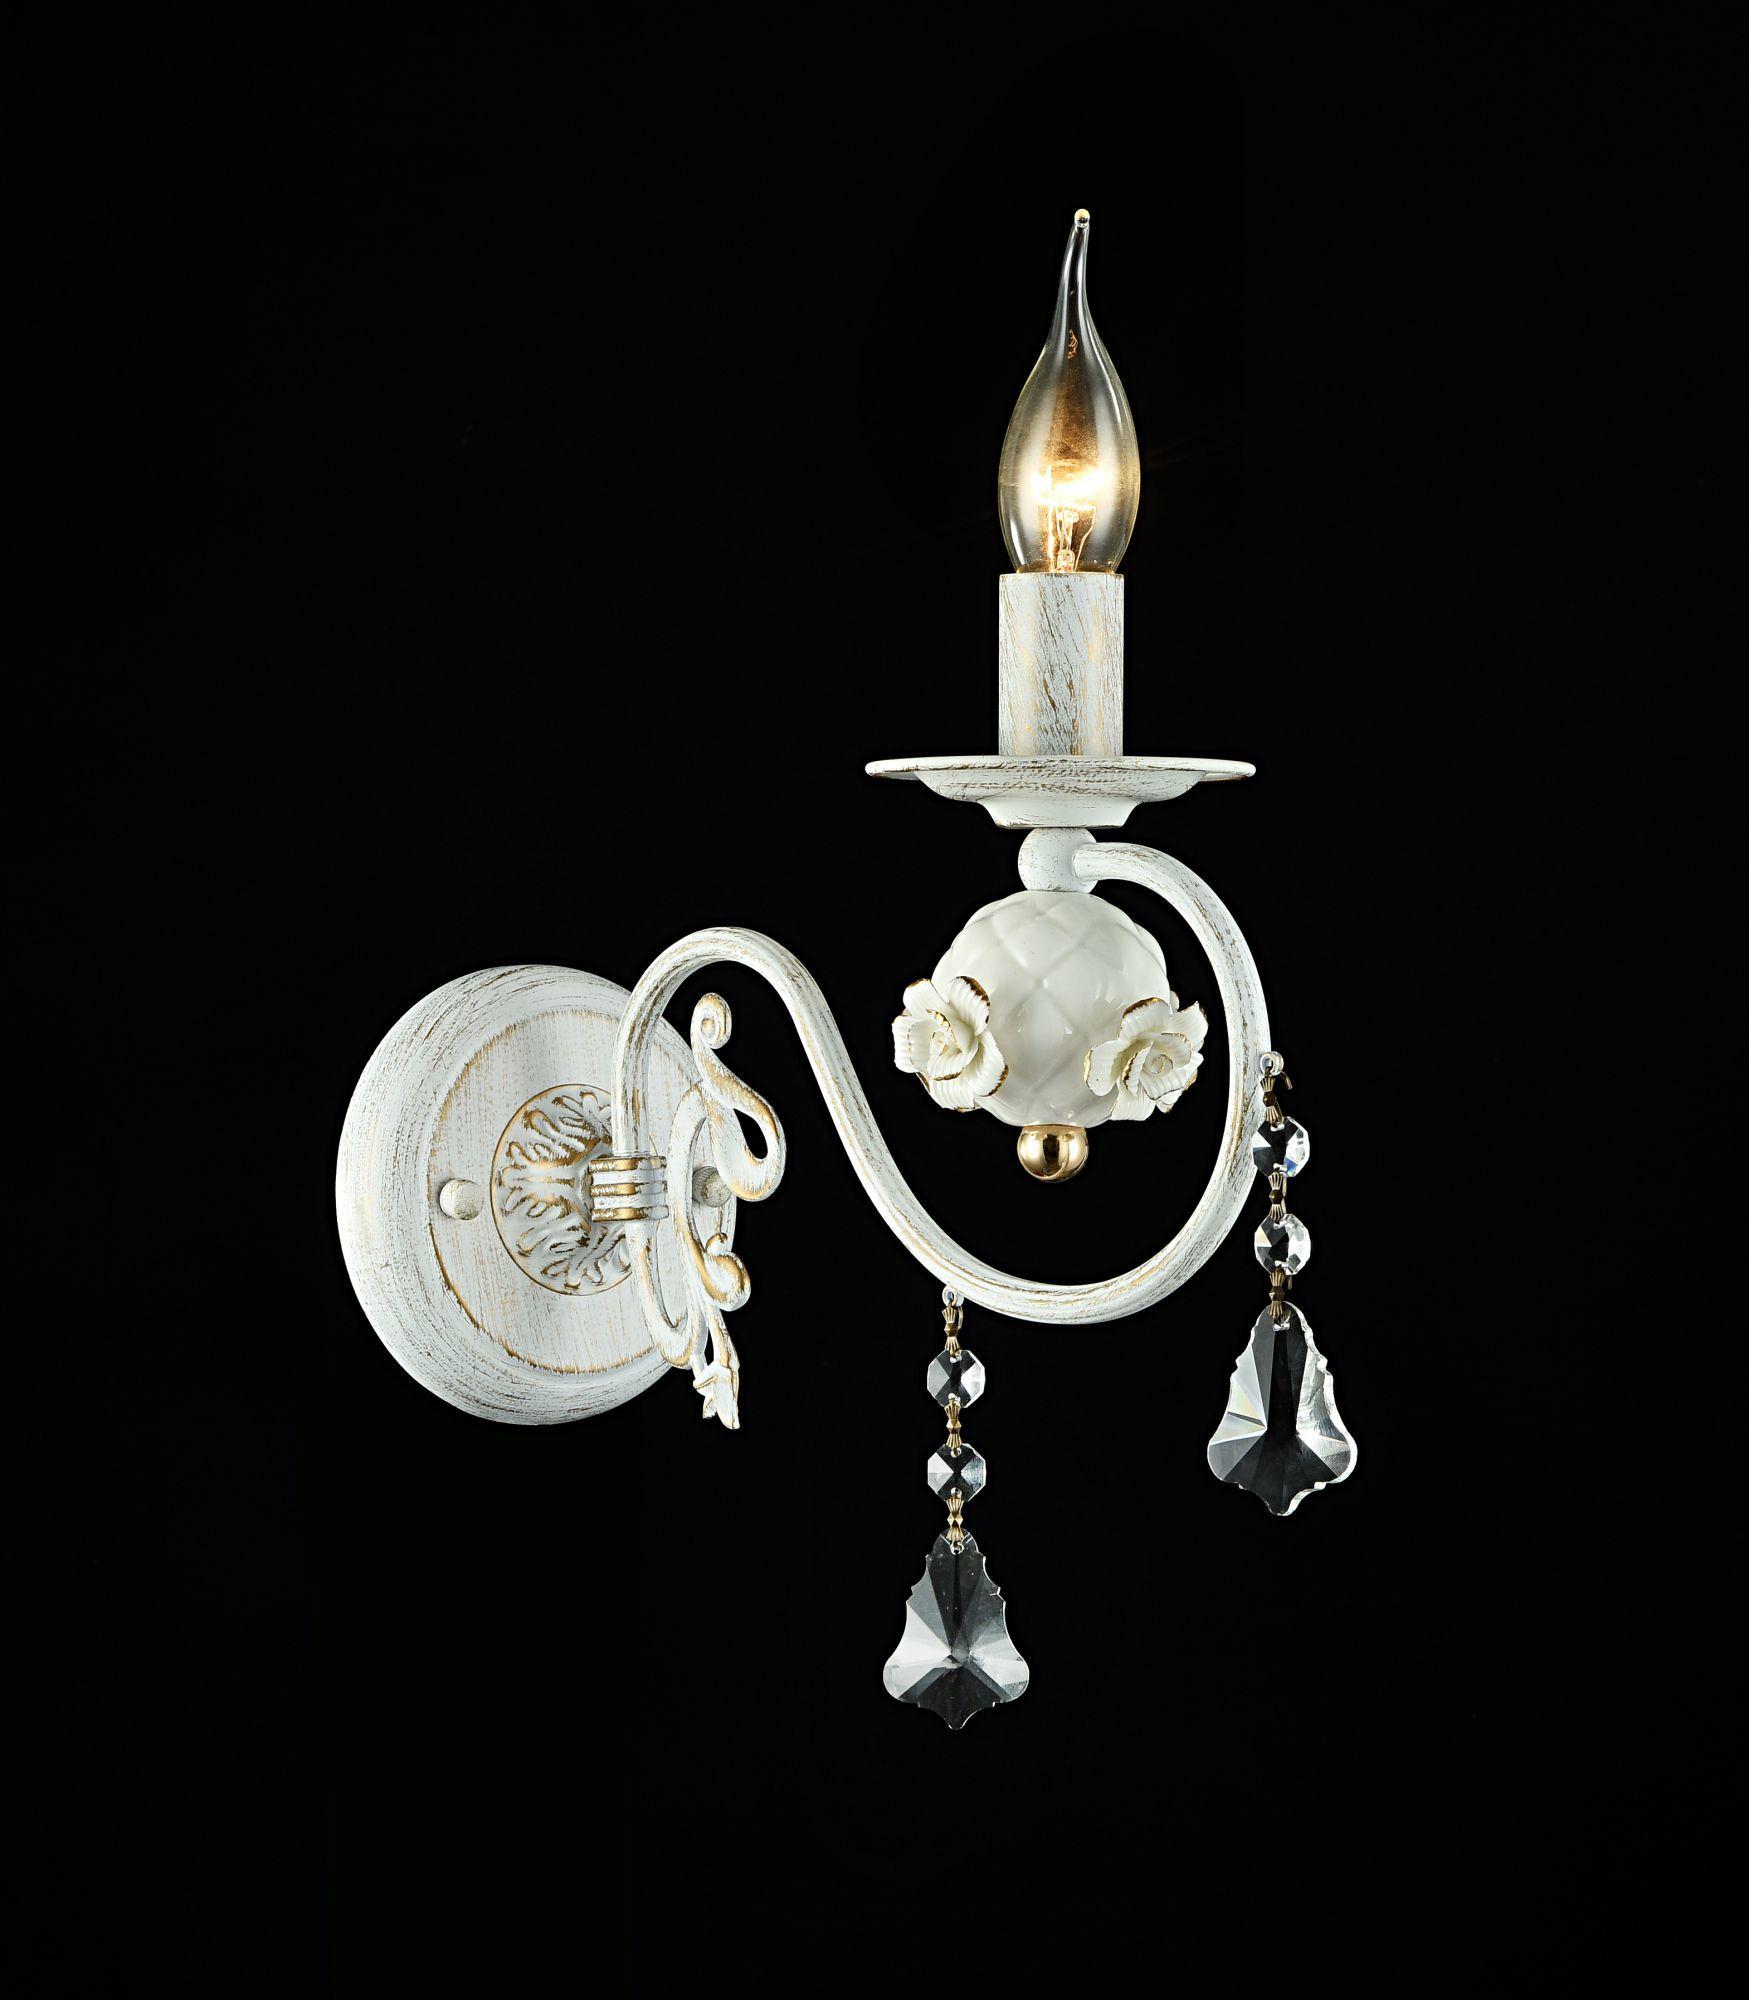 Бра Freya Faberge FR3218-WL-01-WG, белый с золотой патиной, прозрачный, керамика, металл, хрусталь - фото 2